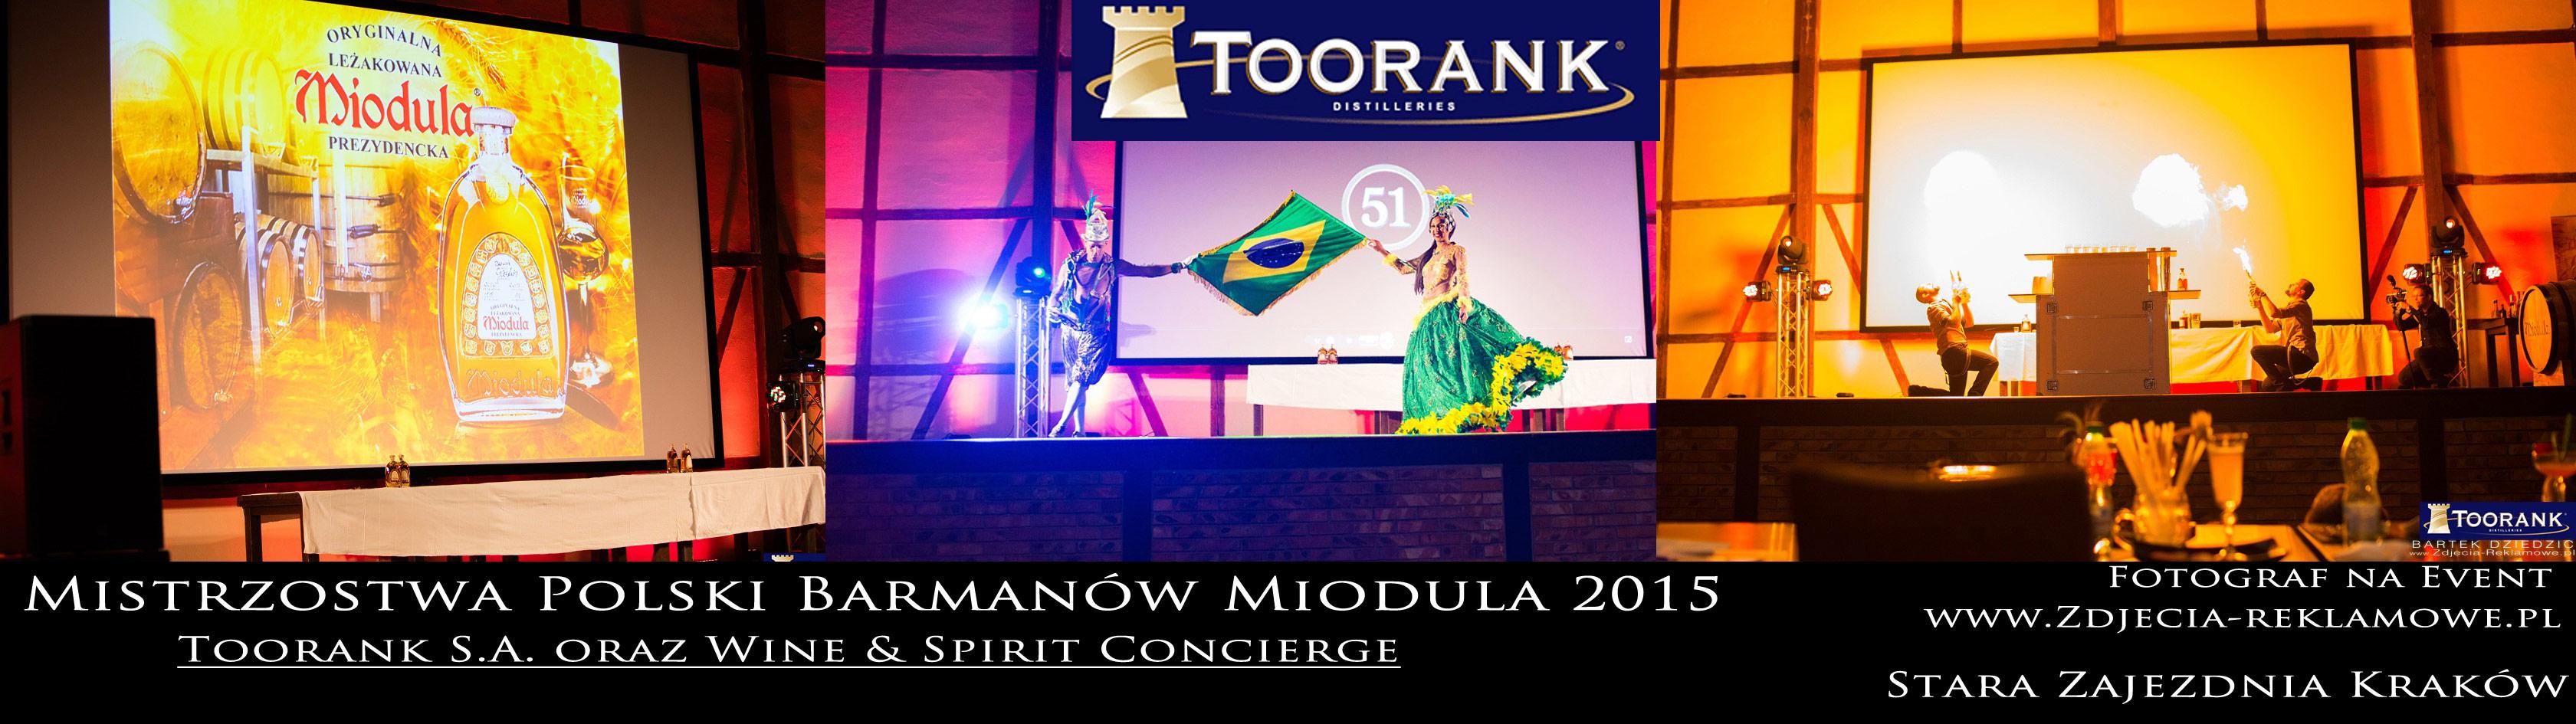 Miodula 2015. Kraków Stara Zajezdnia. Mistrzostwa Polski Barmanów.